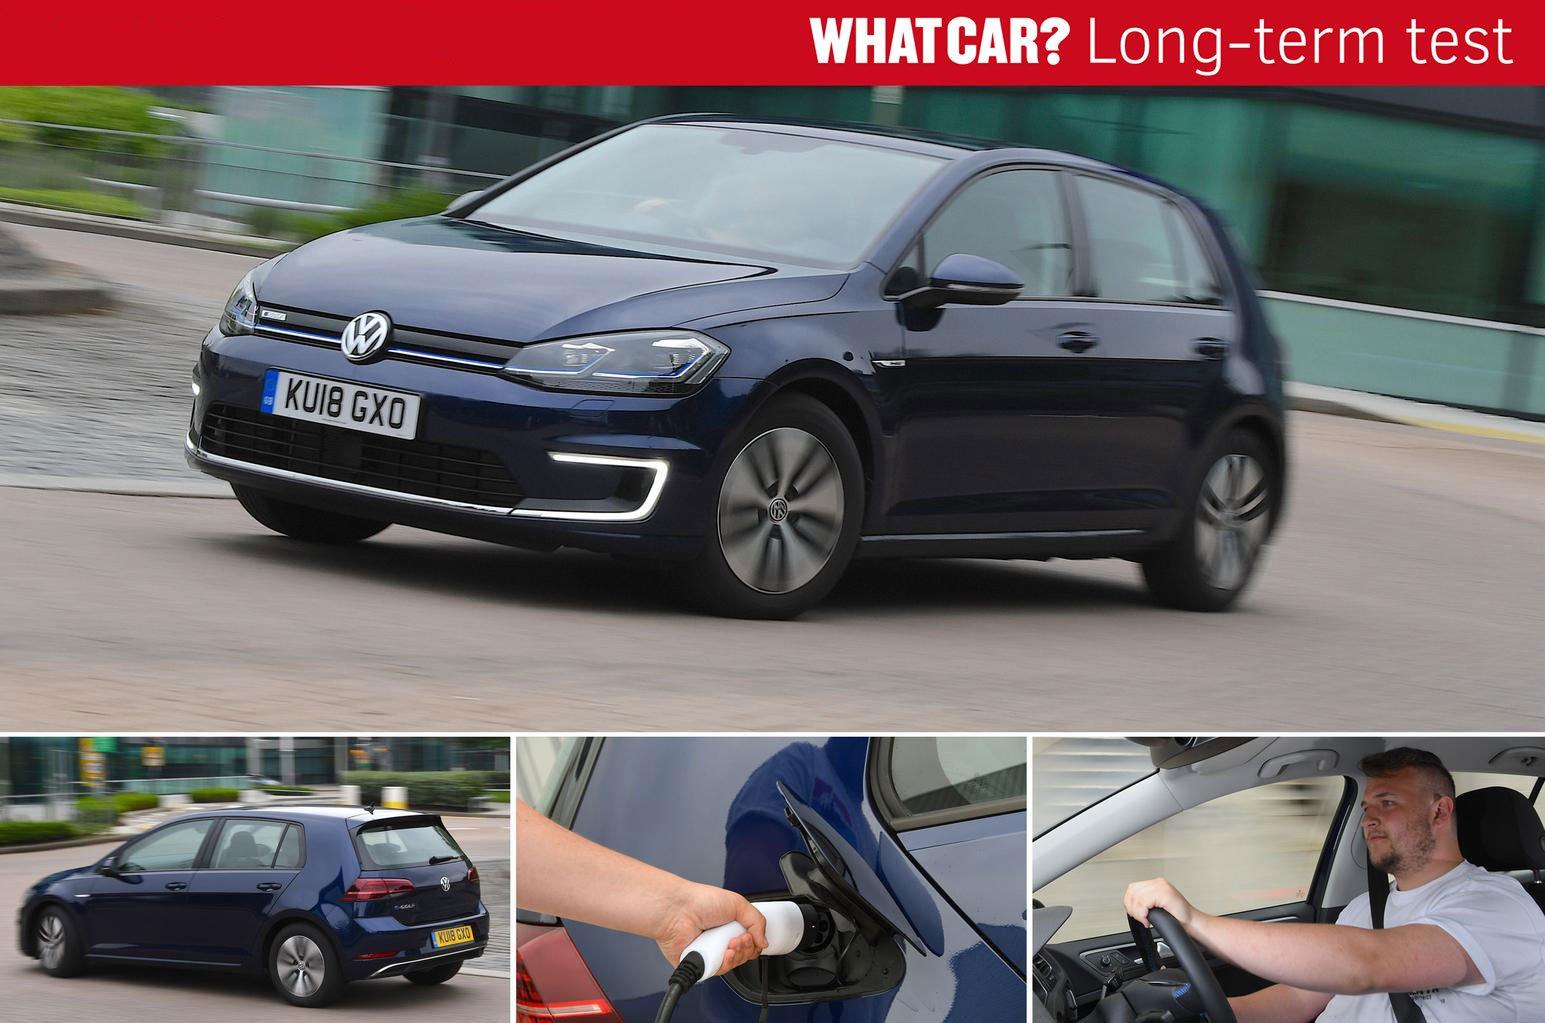 Volkswagen e-Golf long-term test